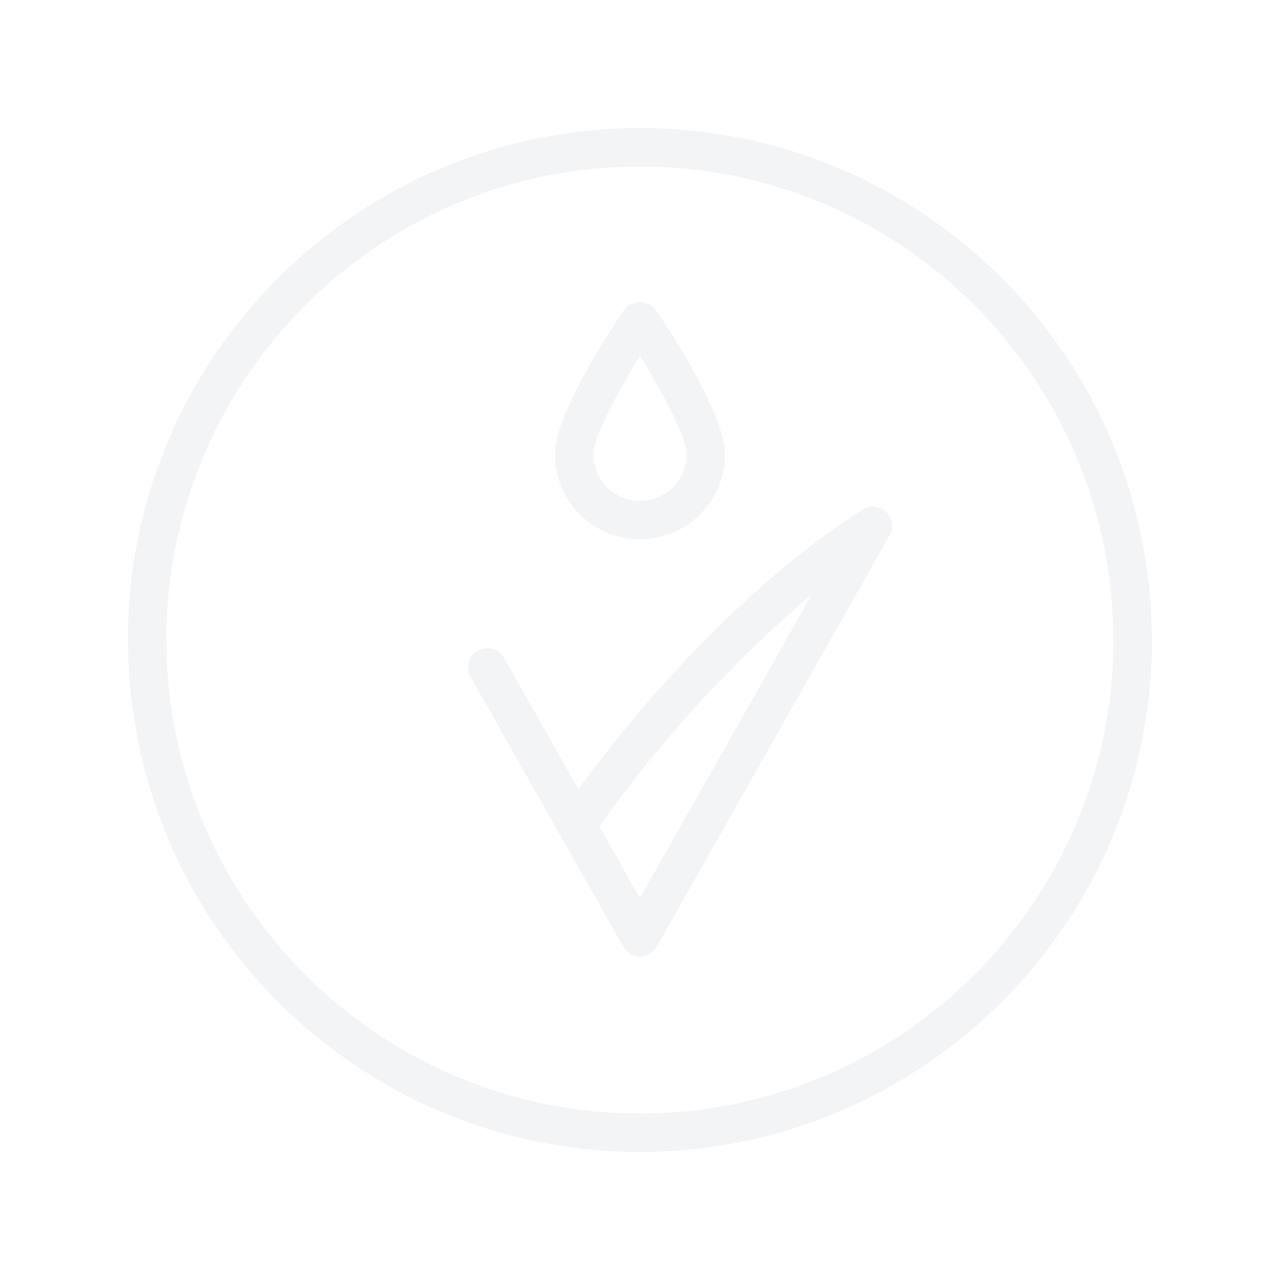 MIZON Bye Bye Pimple Patch 24pcs